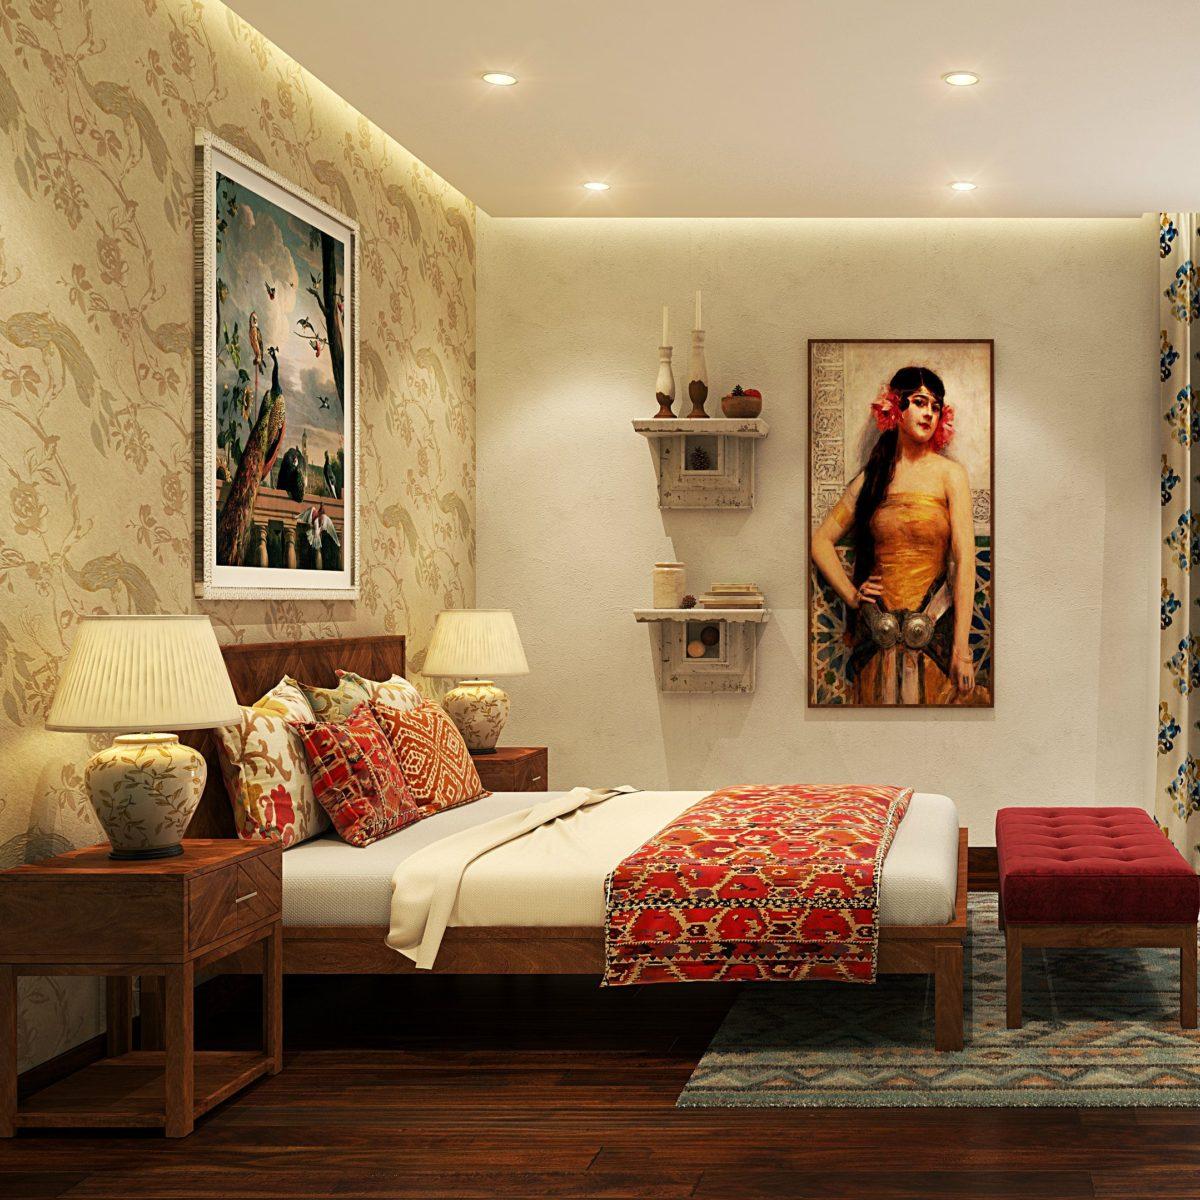 Idee suggestive per la camera da letto in stile etnico